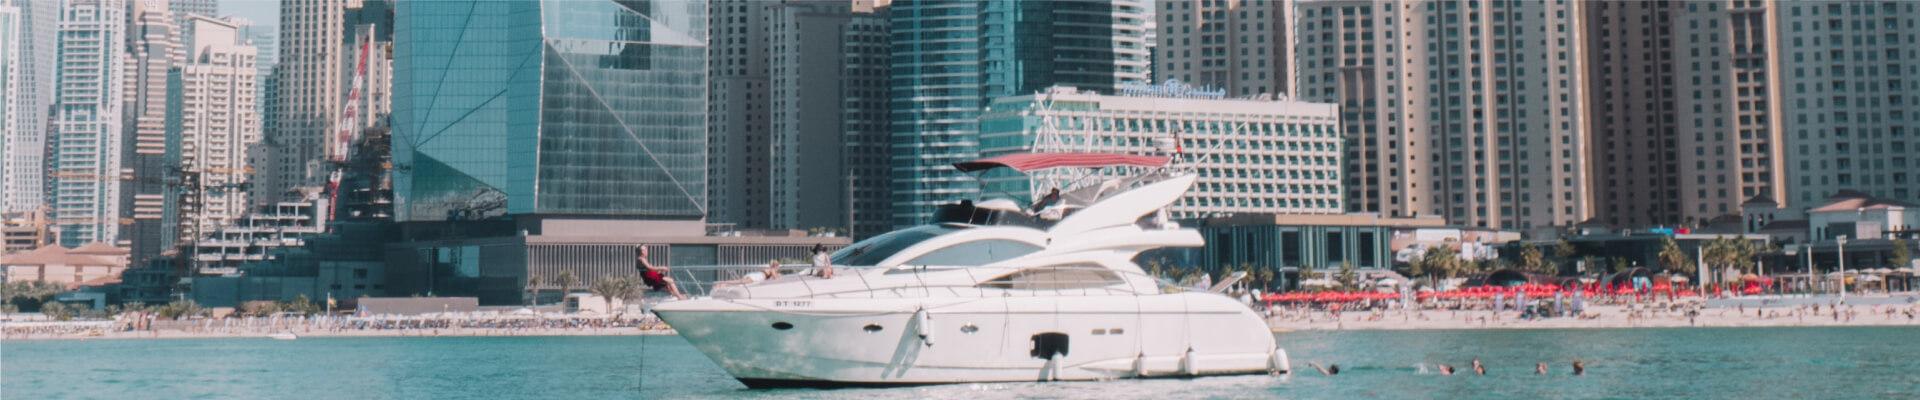 צאו לנופש בדובאי עם המחירים המיוחדים של כאן על הים